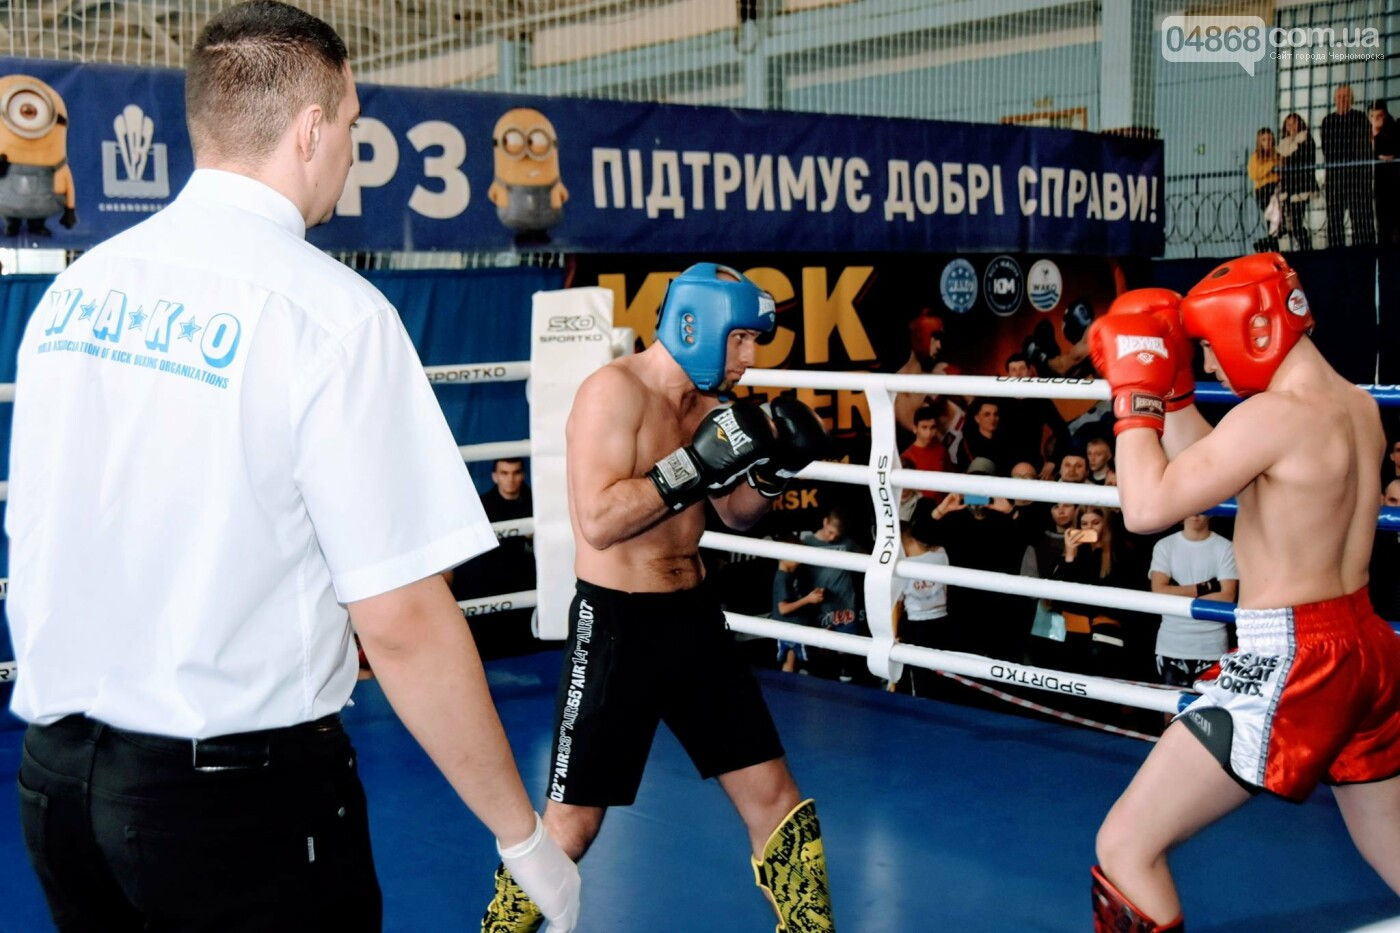 За золотом: в Черноморске прошёл турнир по кикбоксингу (видео), фото-7